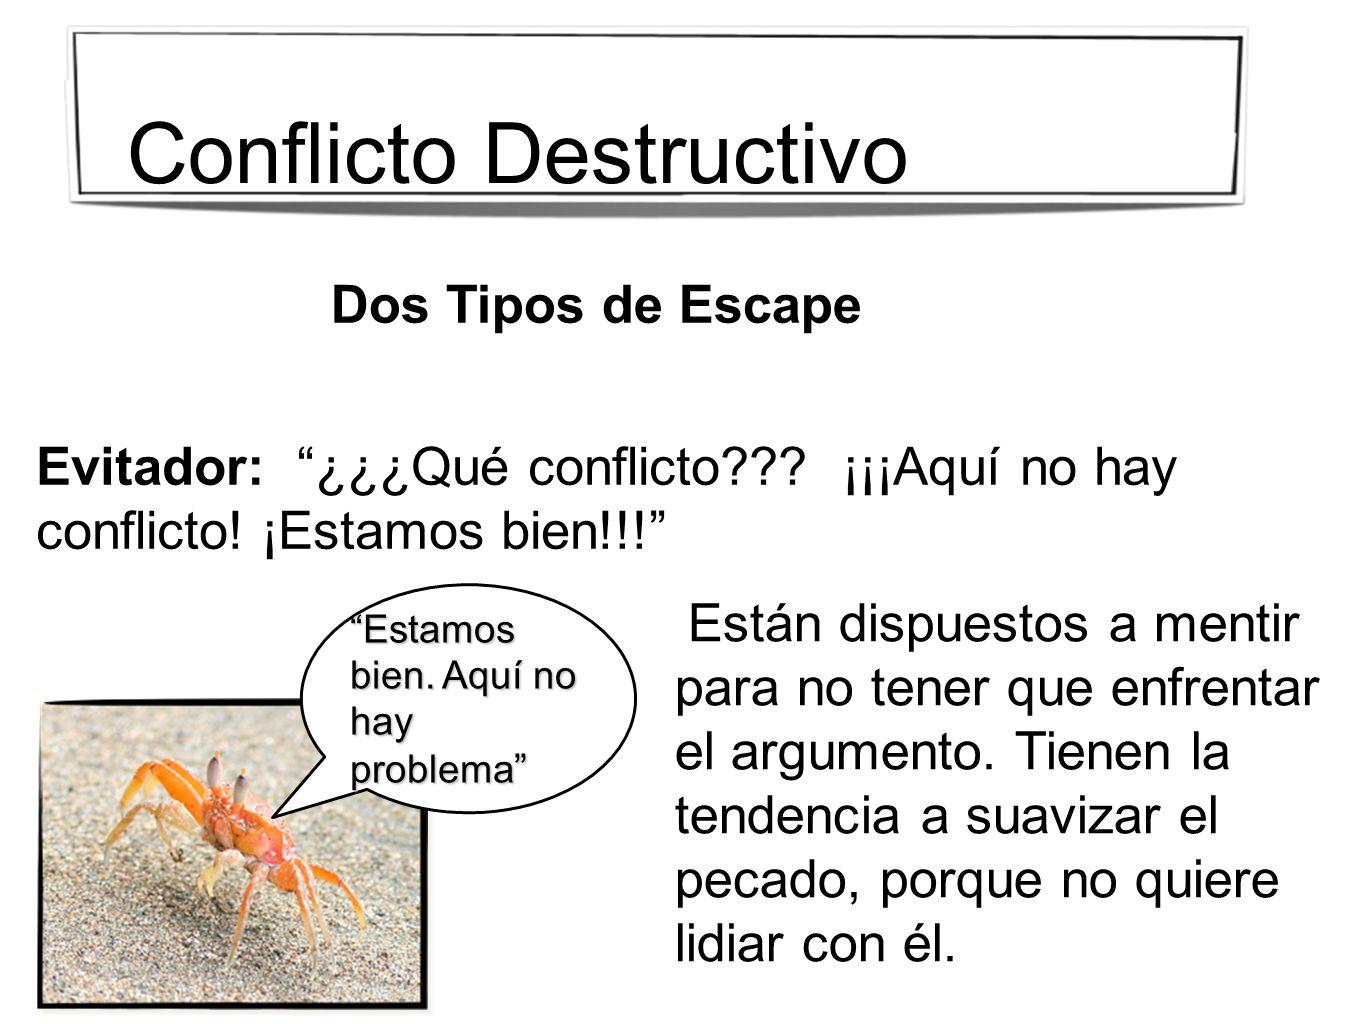 Dos Tipos de Escape Evitador: ¿¿¿Qué conflicto??? ¡¡¡Aquí no hay conflicto! ¡Estamos bien!!! Están dispuestos a mentir para no tener que enfrentar el